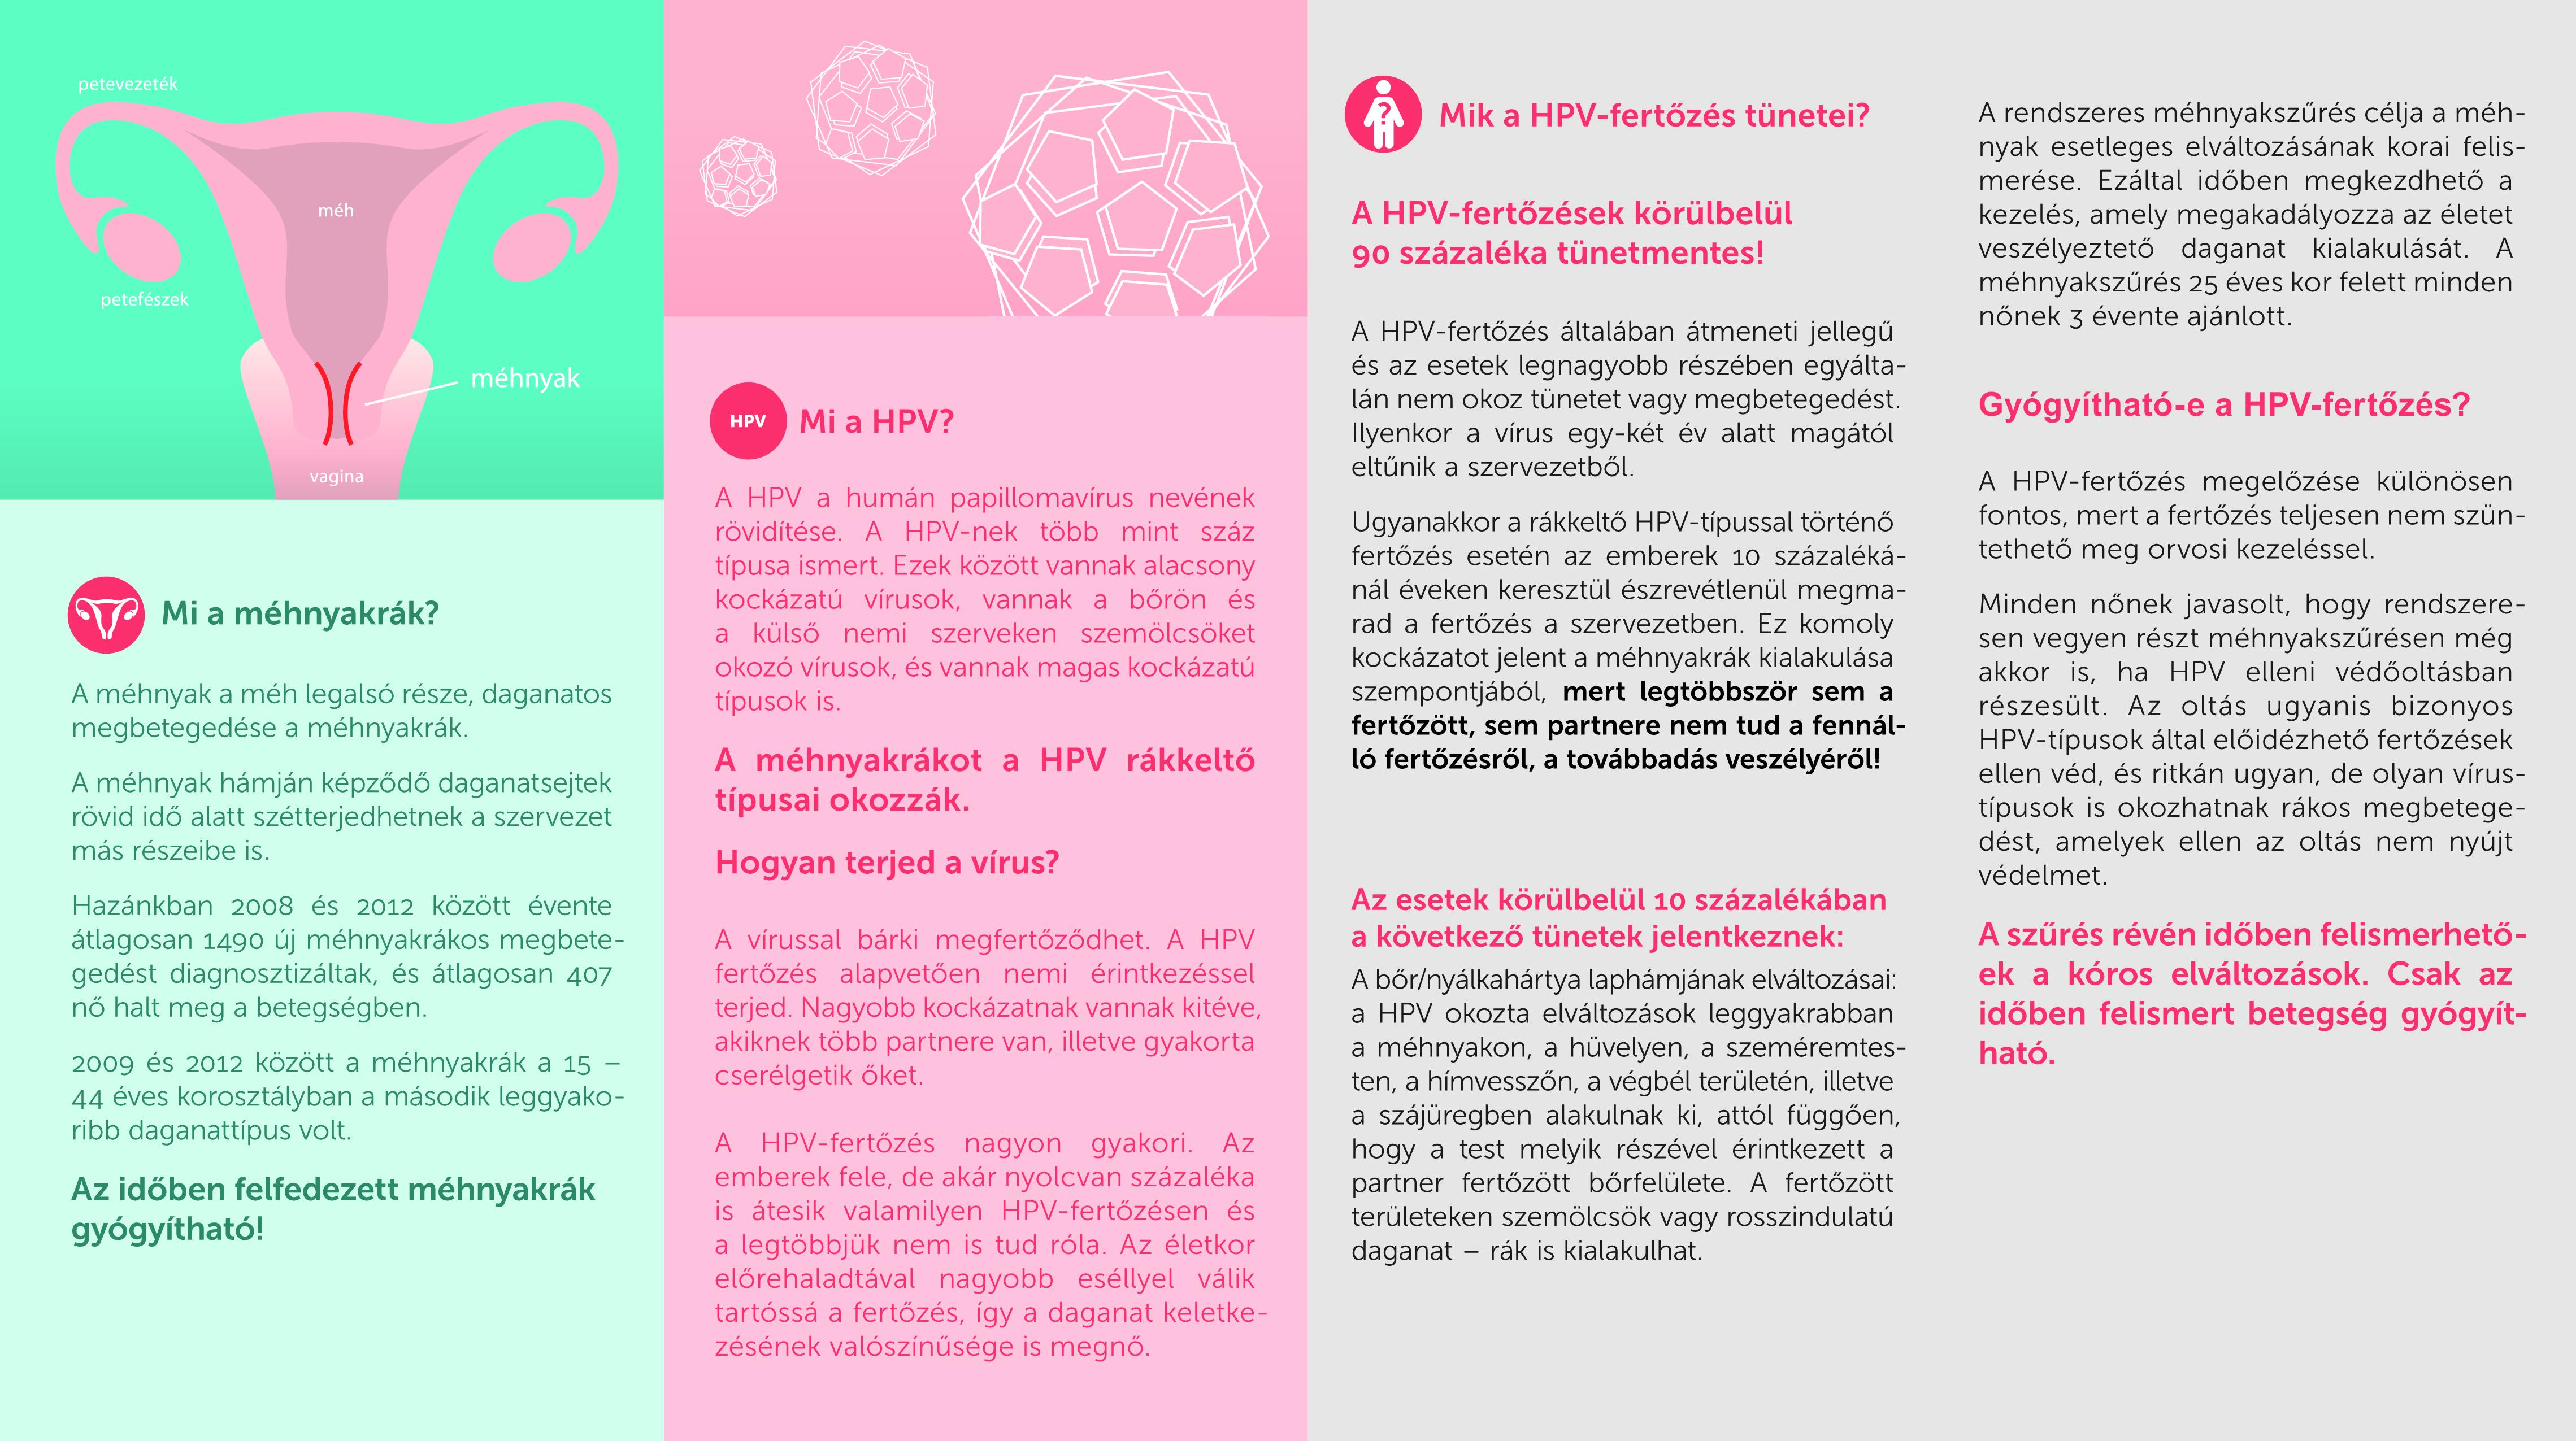 Szakértők válaszolnak a leggyakoribb kérdésekre a HPV oltásról